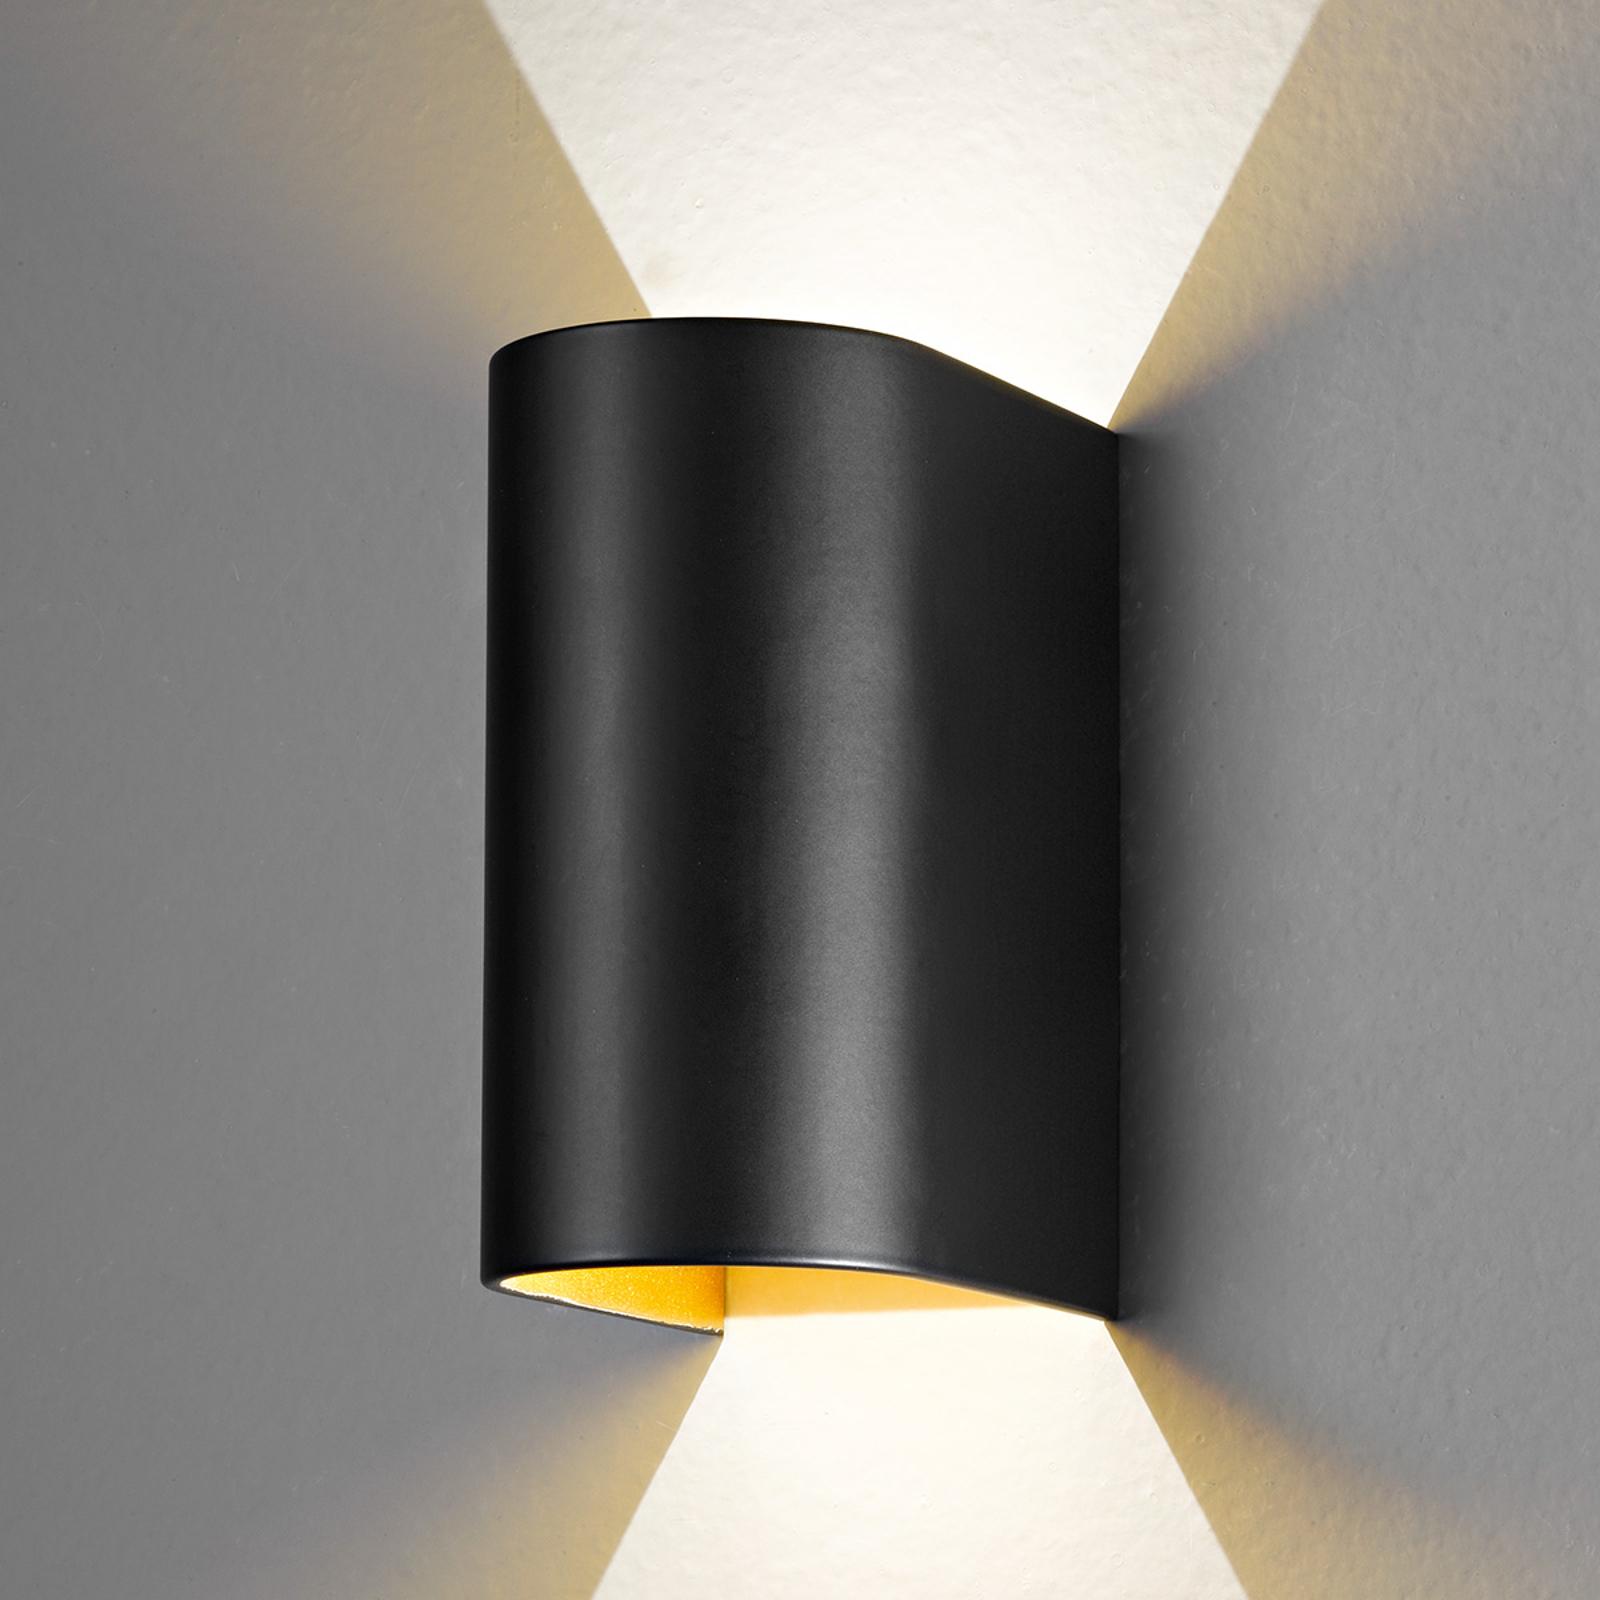 LED nástěnné světlo Feeling, černo-zlatá